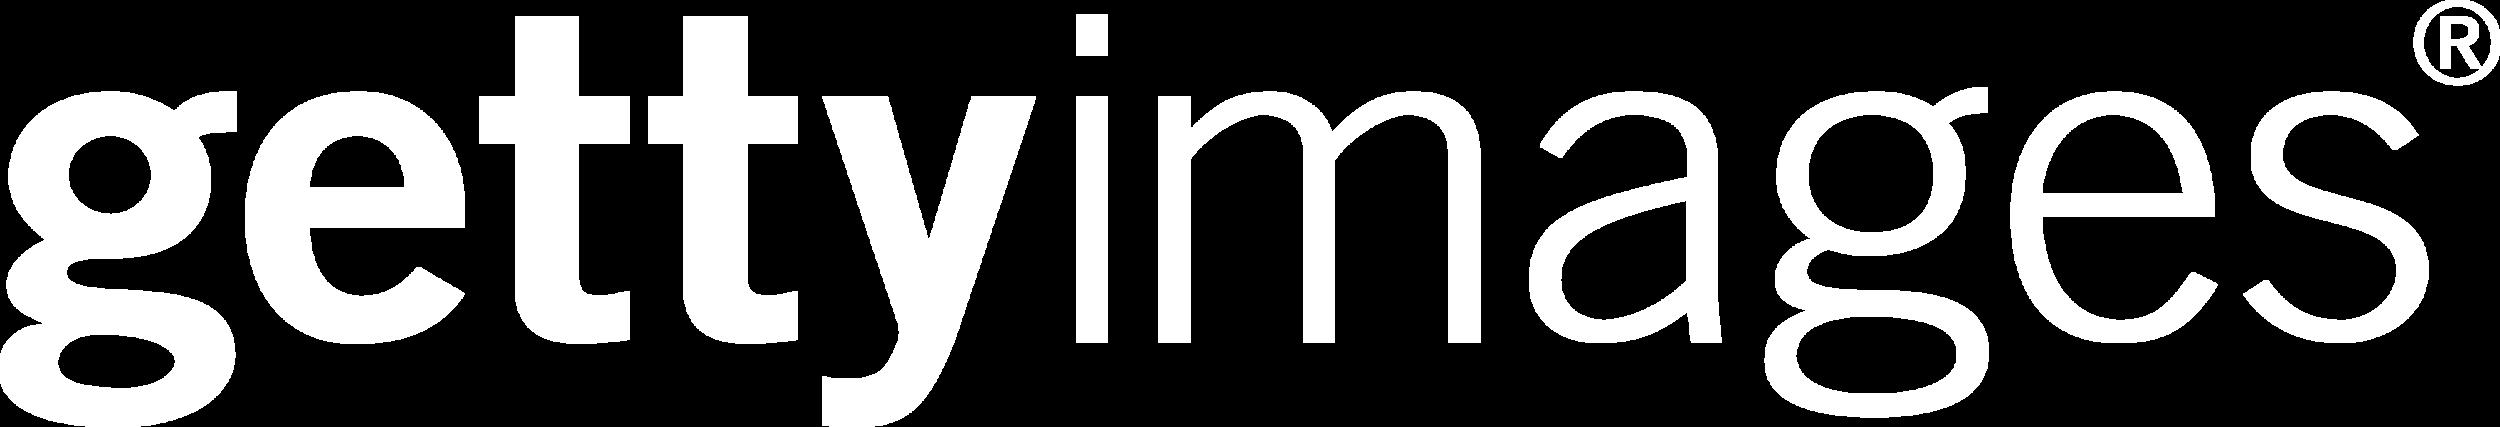 new_GI_logo-white.png